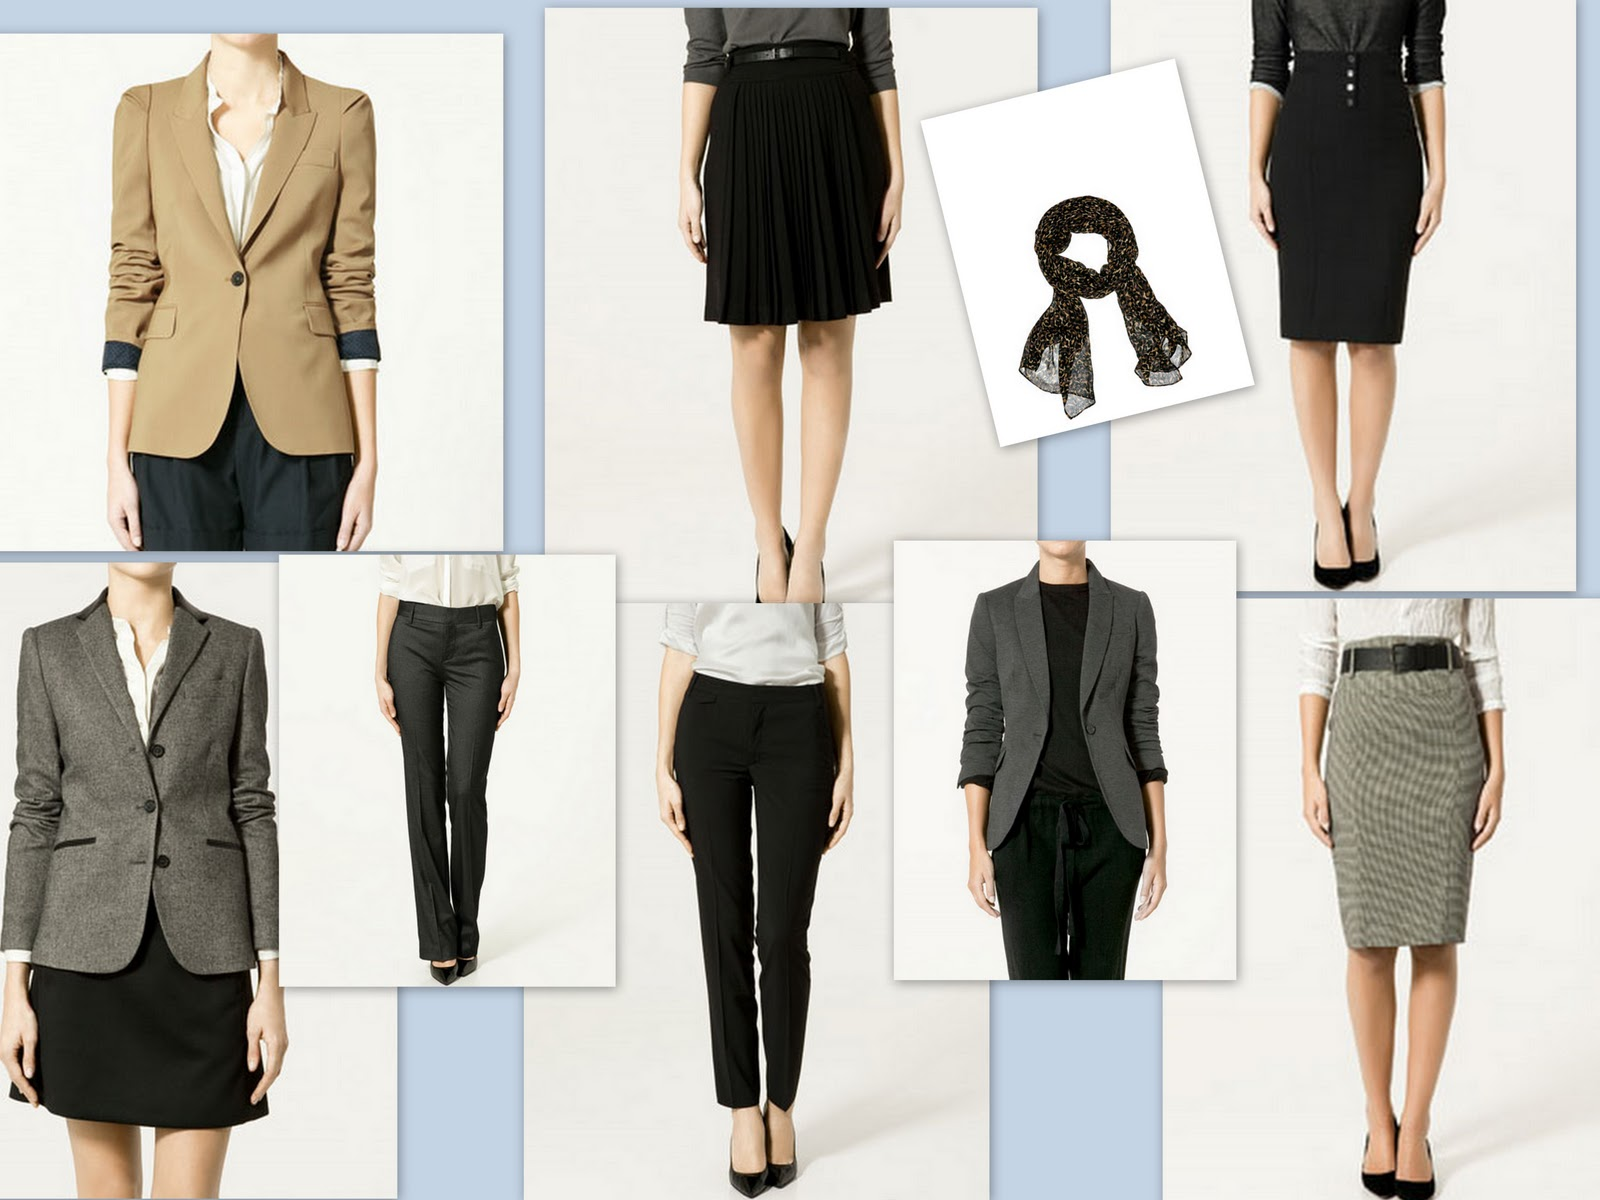 Photo of İş Görüşmesinde Giderken Nasıl Giyinilmeli?